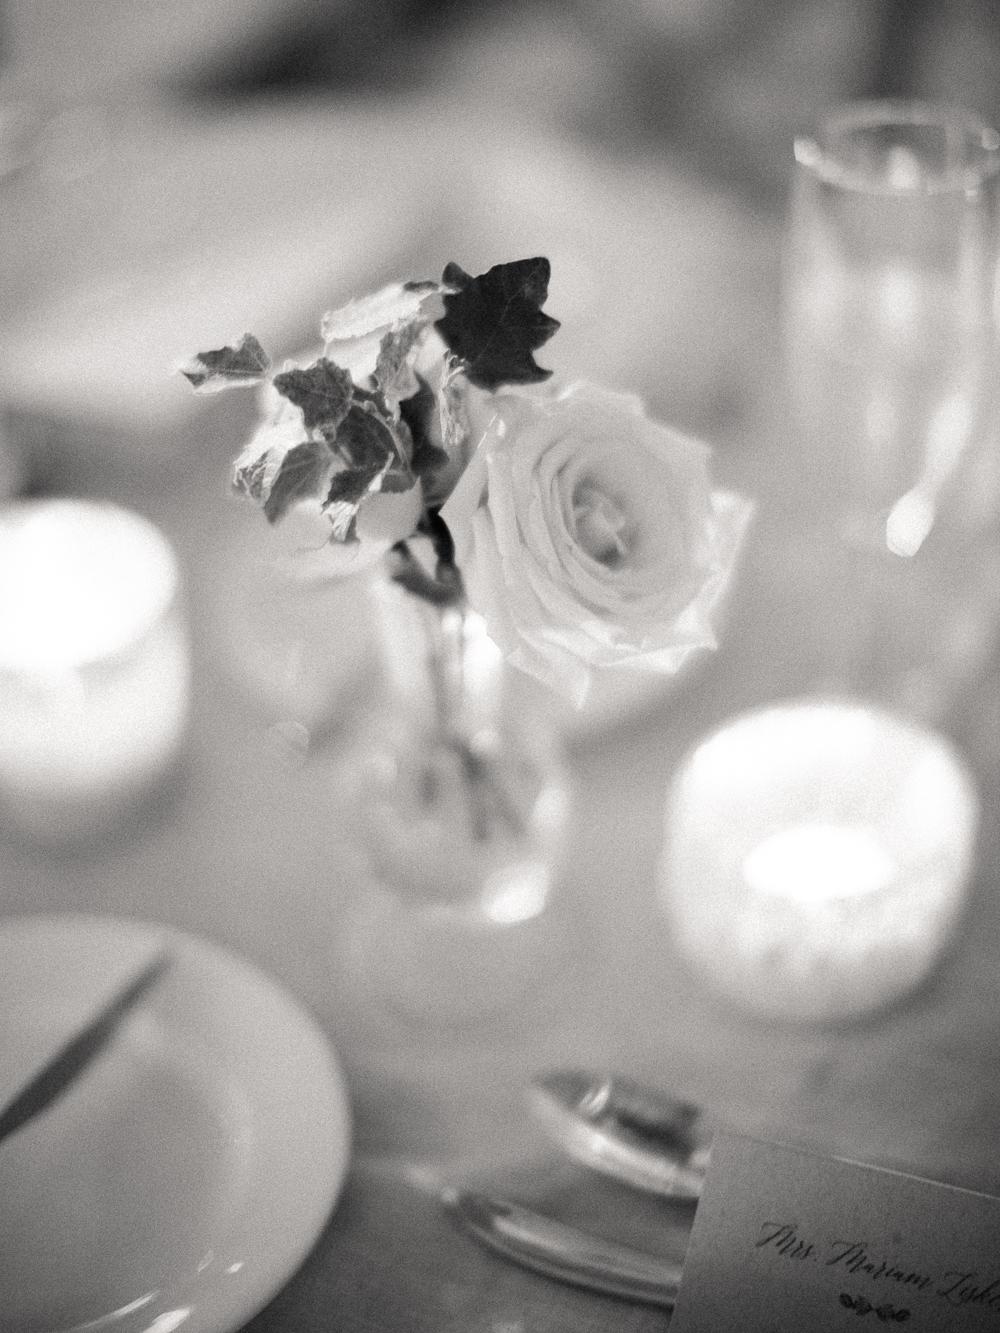 0060-When-He-Found-Her-Muskoka-JW Marriott-The Rosseau-shea-events-sweet-woodruff-canadian-resort-wedding.jpg